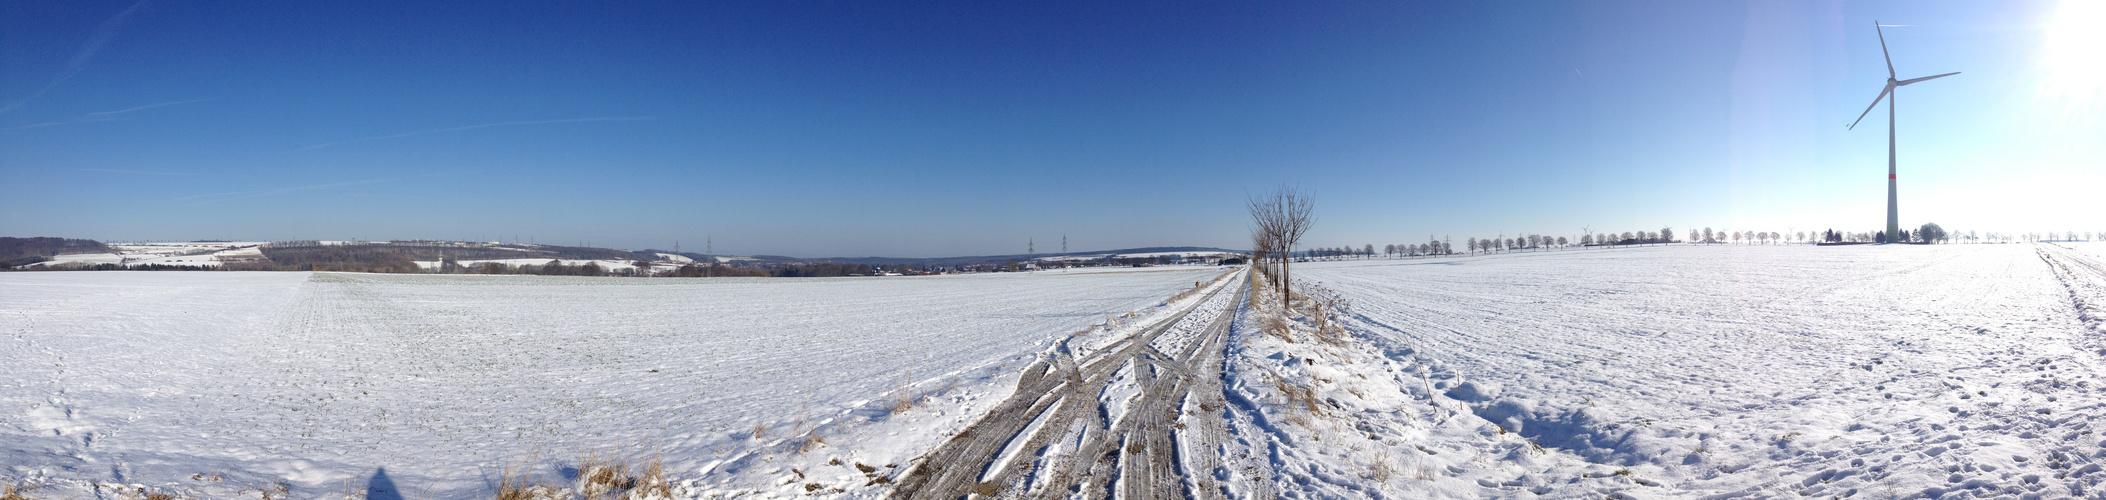 Panoramafoto von der Bürener Landschaft